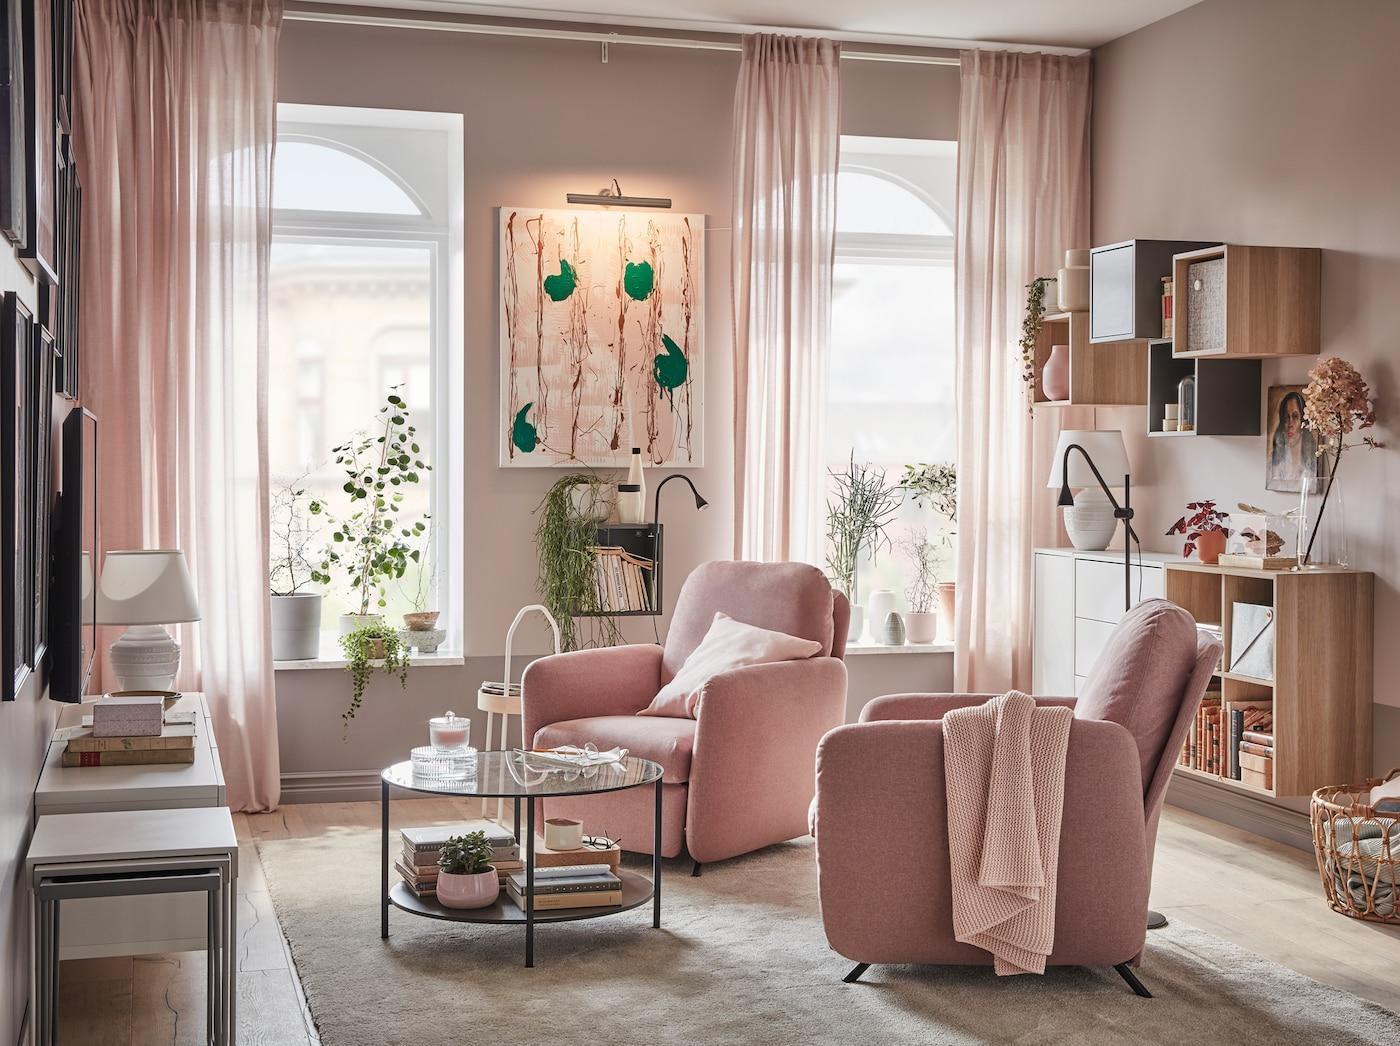 Soggiorno Con Angolo Cottura Ikea lasciati ispirare dai nostri soggiorni - ikea